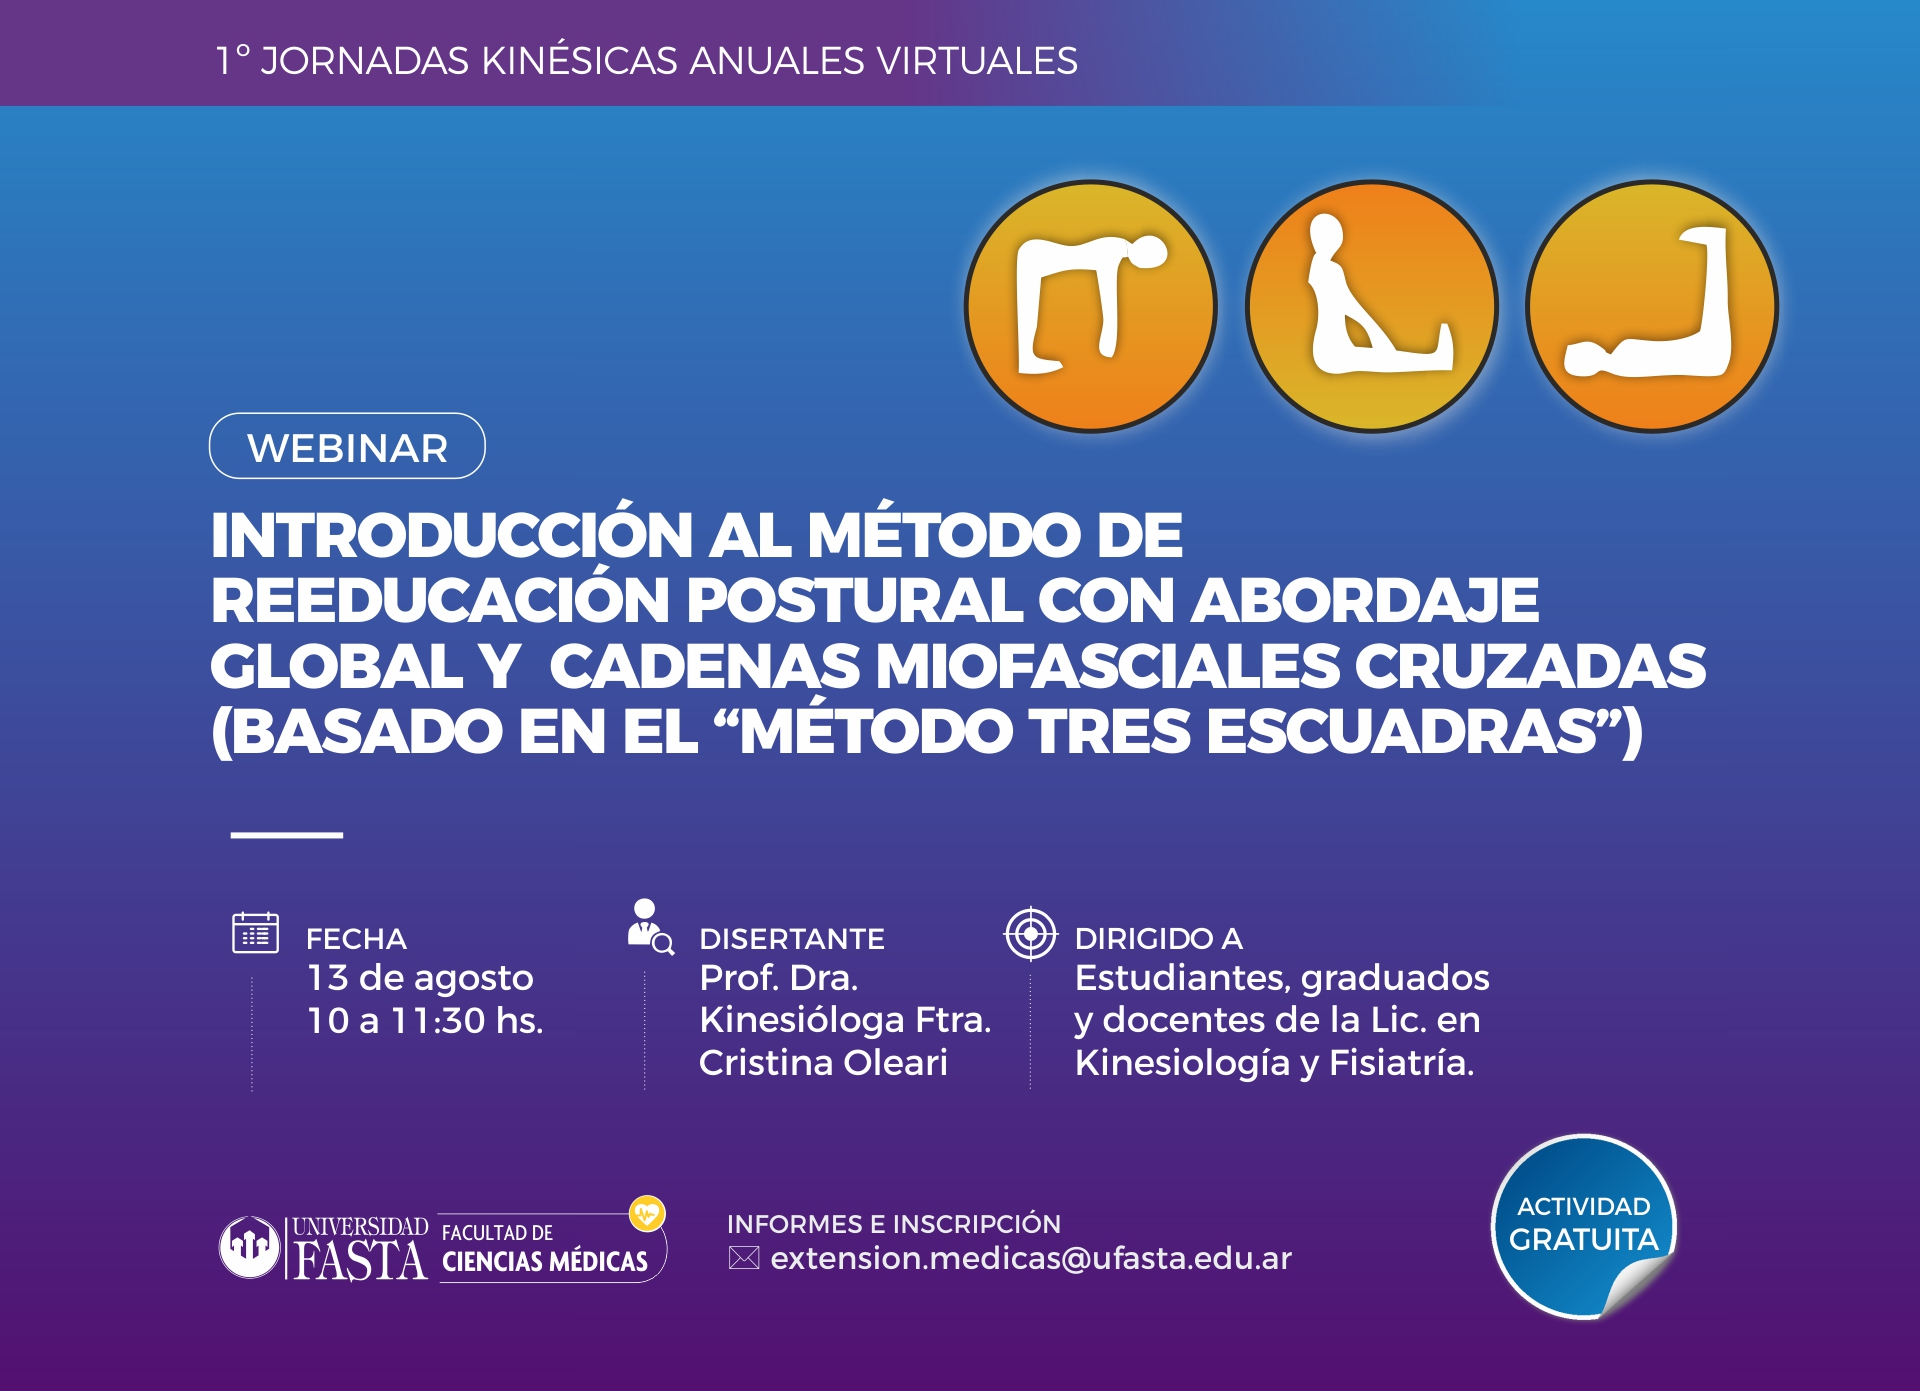 """Webinar -Introducción al método de Reeducación Postural con abordaje Global y cadenas miofasciales cruzadas, basado en el """"Método Tres Escuadras"""""""